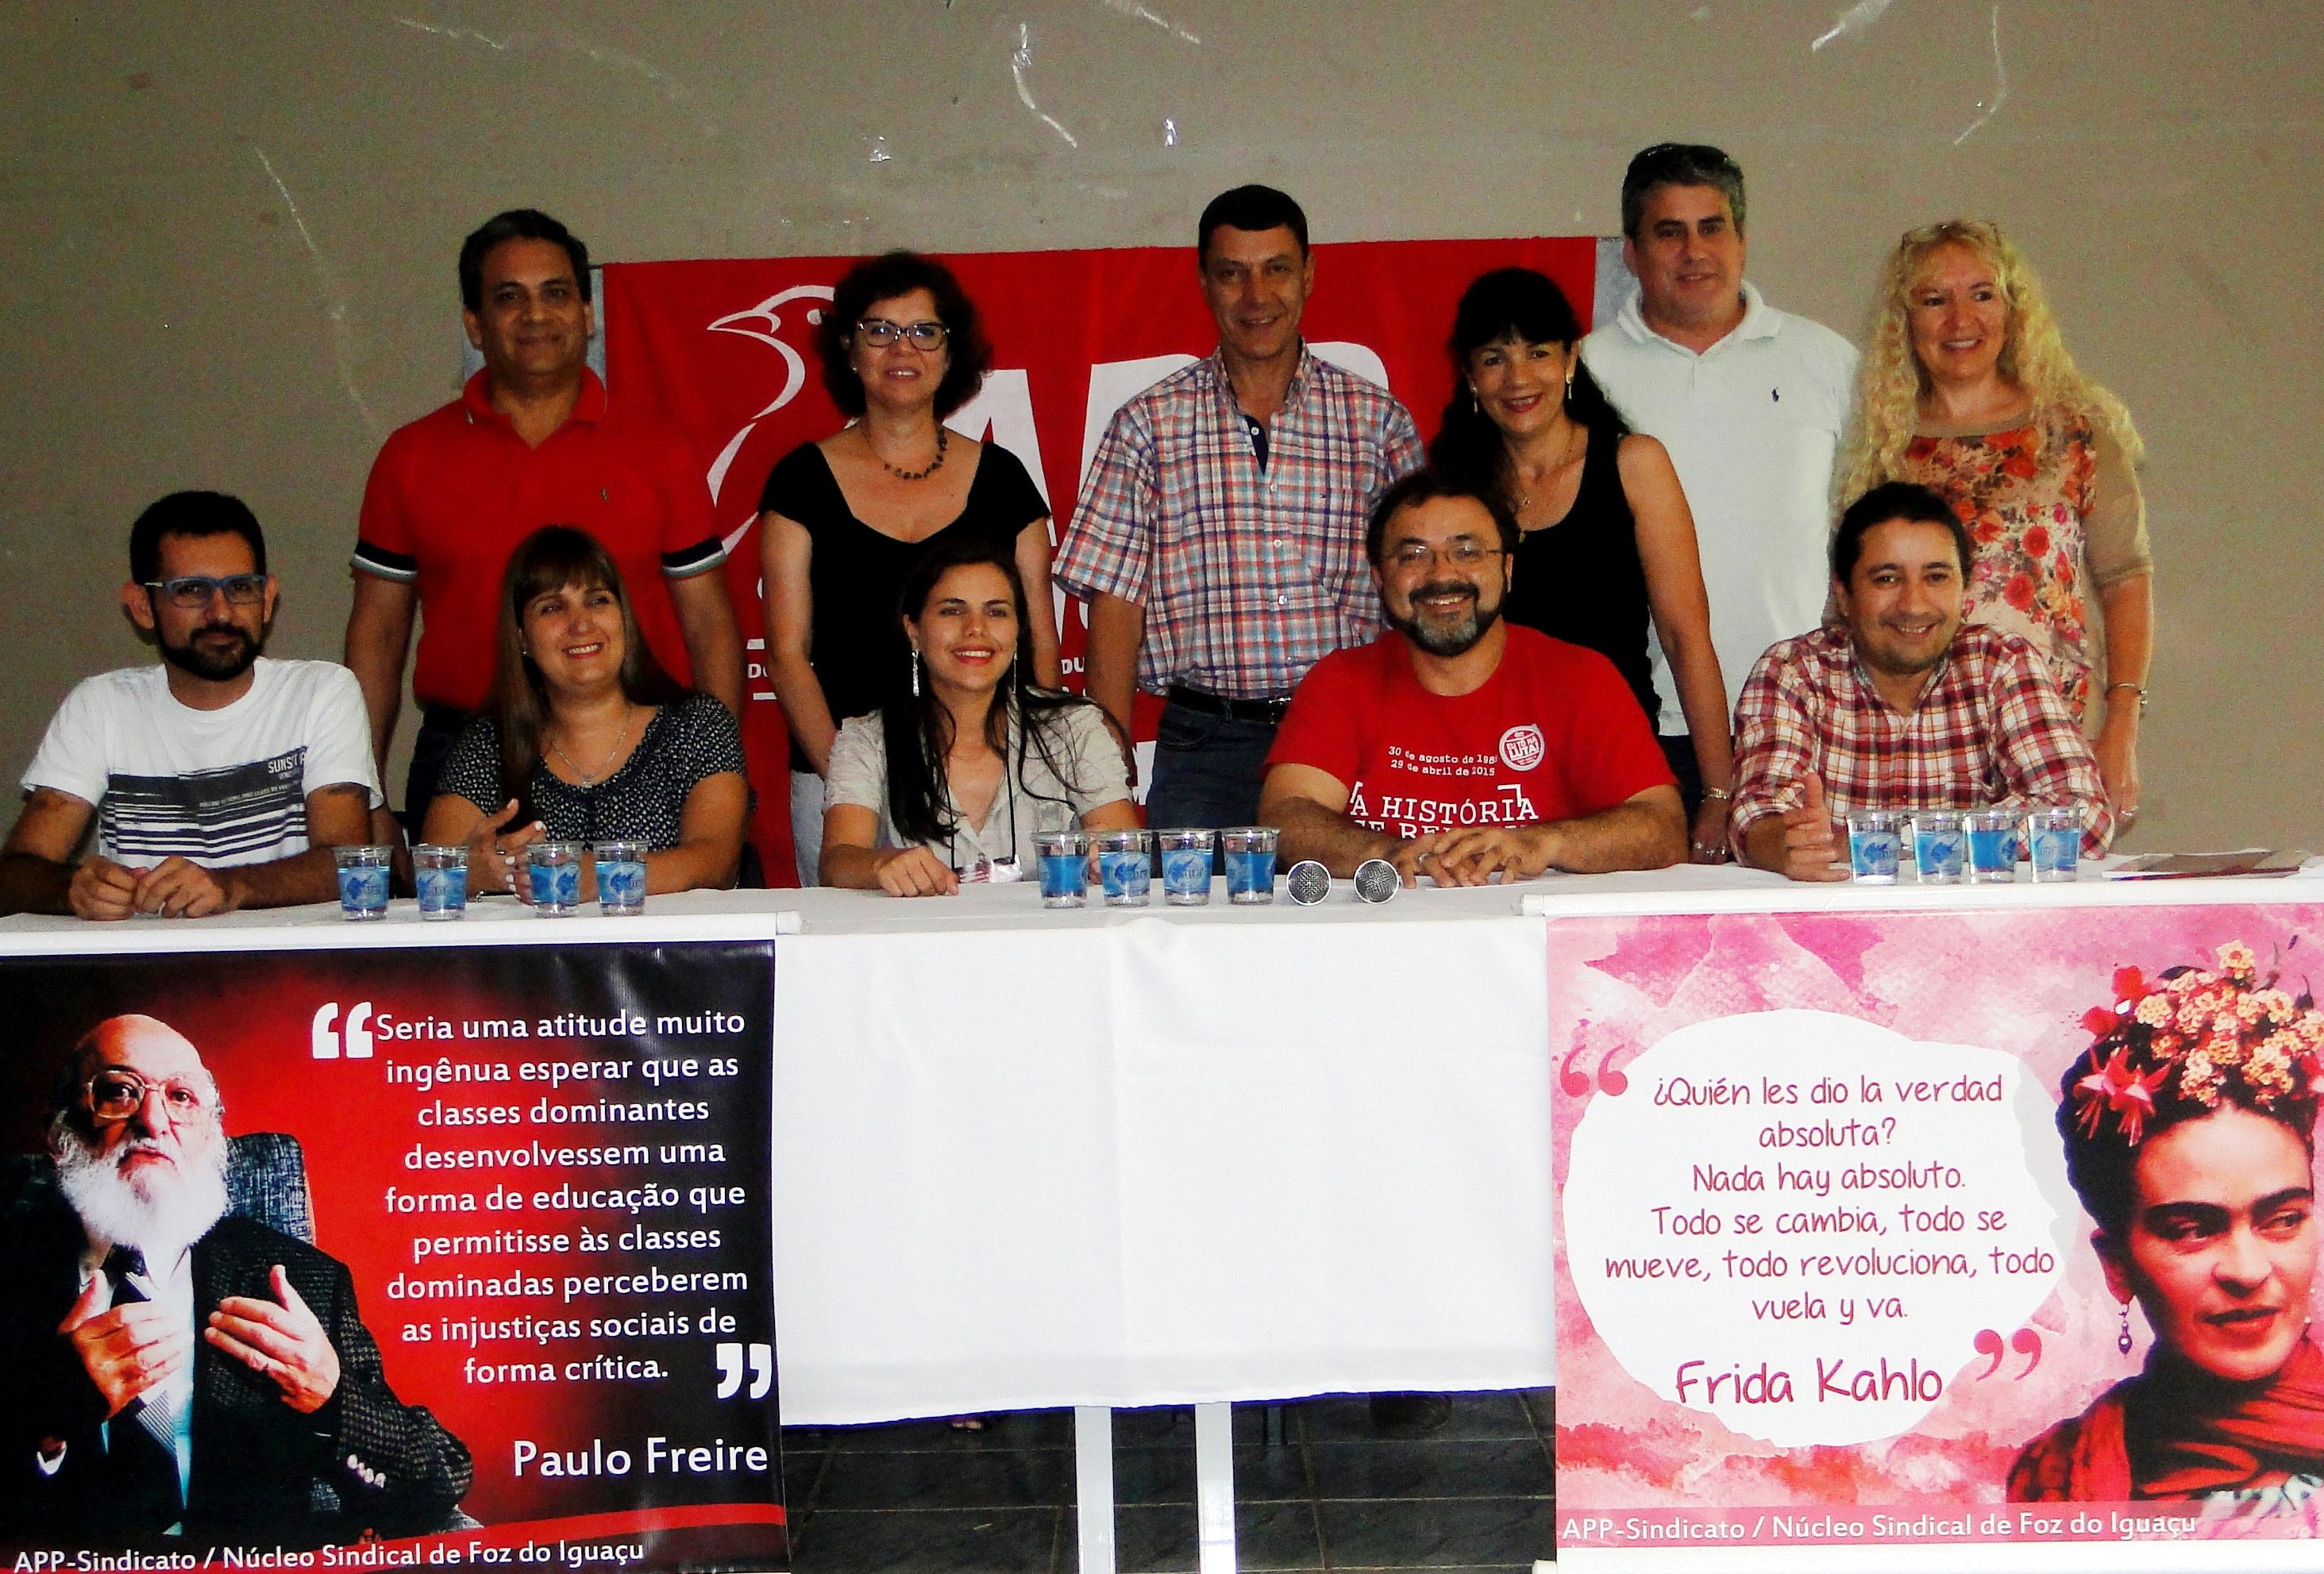 Representantes sindicais dos três países em reunião em Foz do Iguaçu.